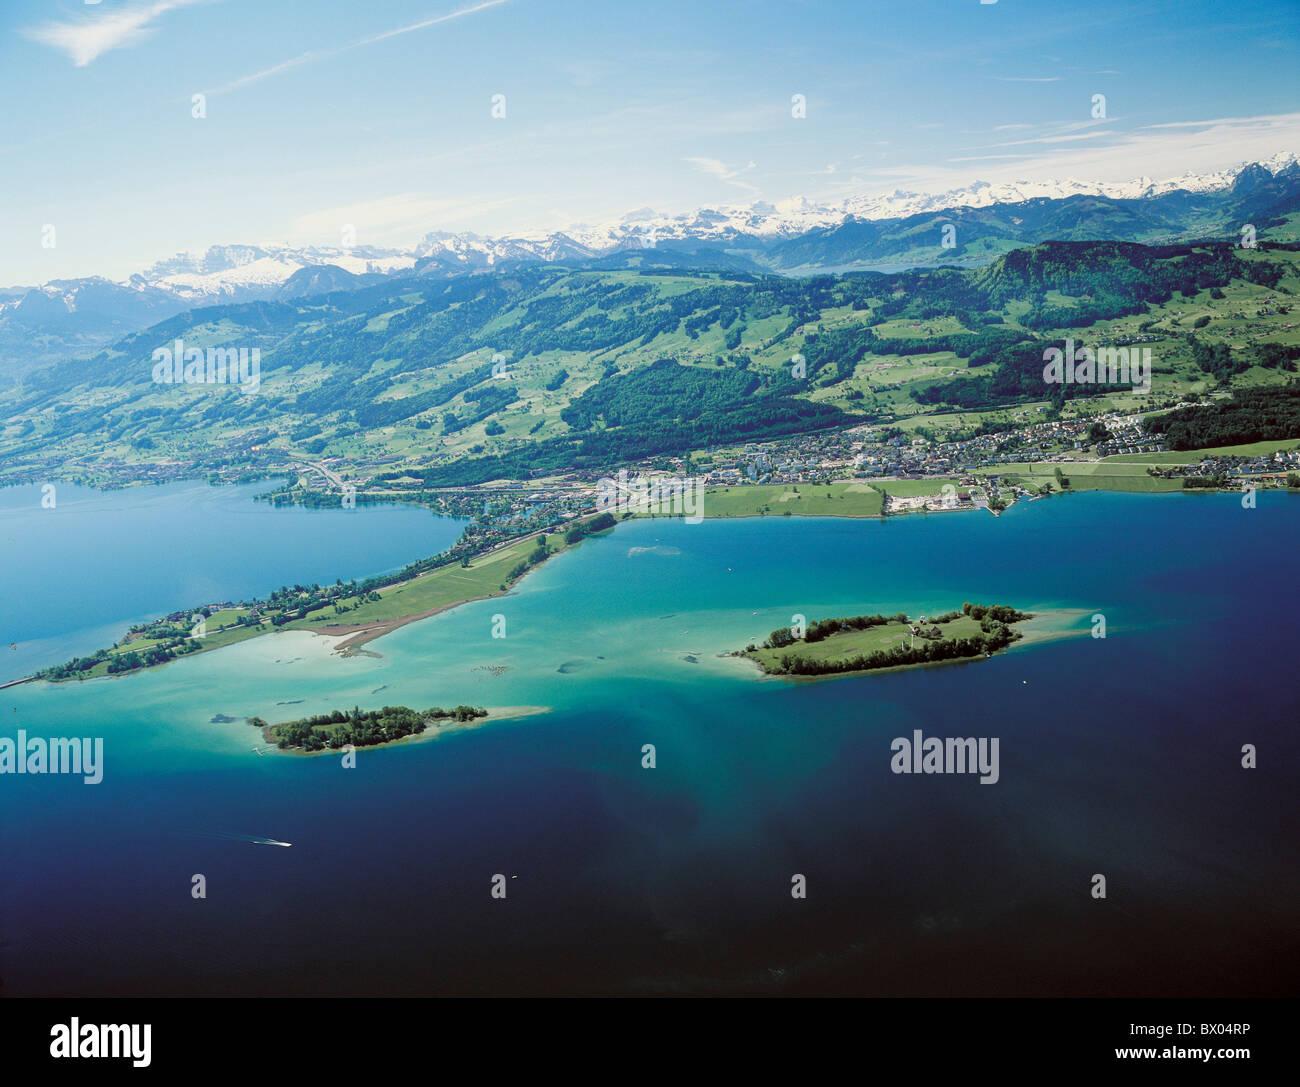 Schweiz europa schwyz landschaft luftbild z rich see meer for Innendekoration pfaffikon zh